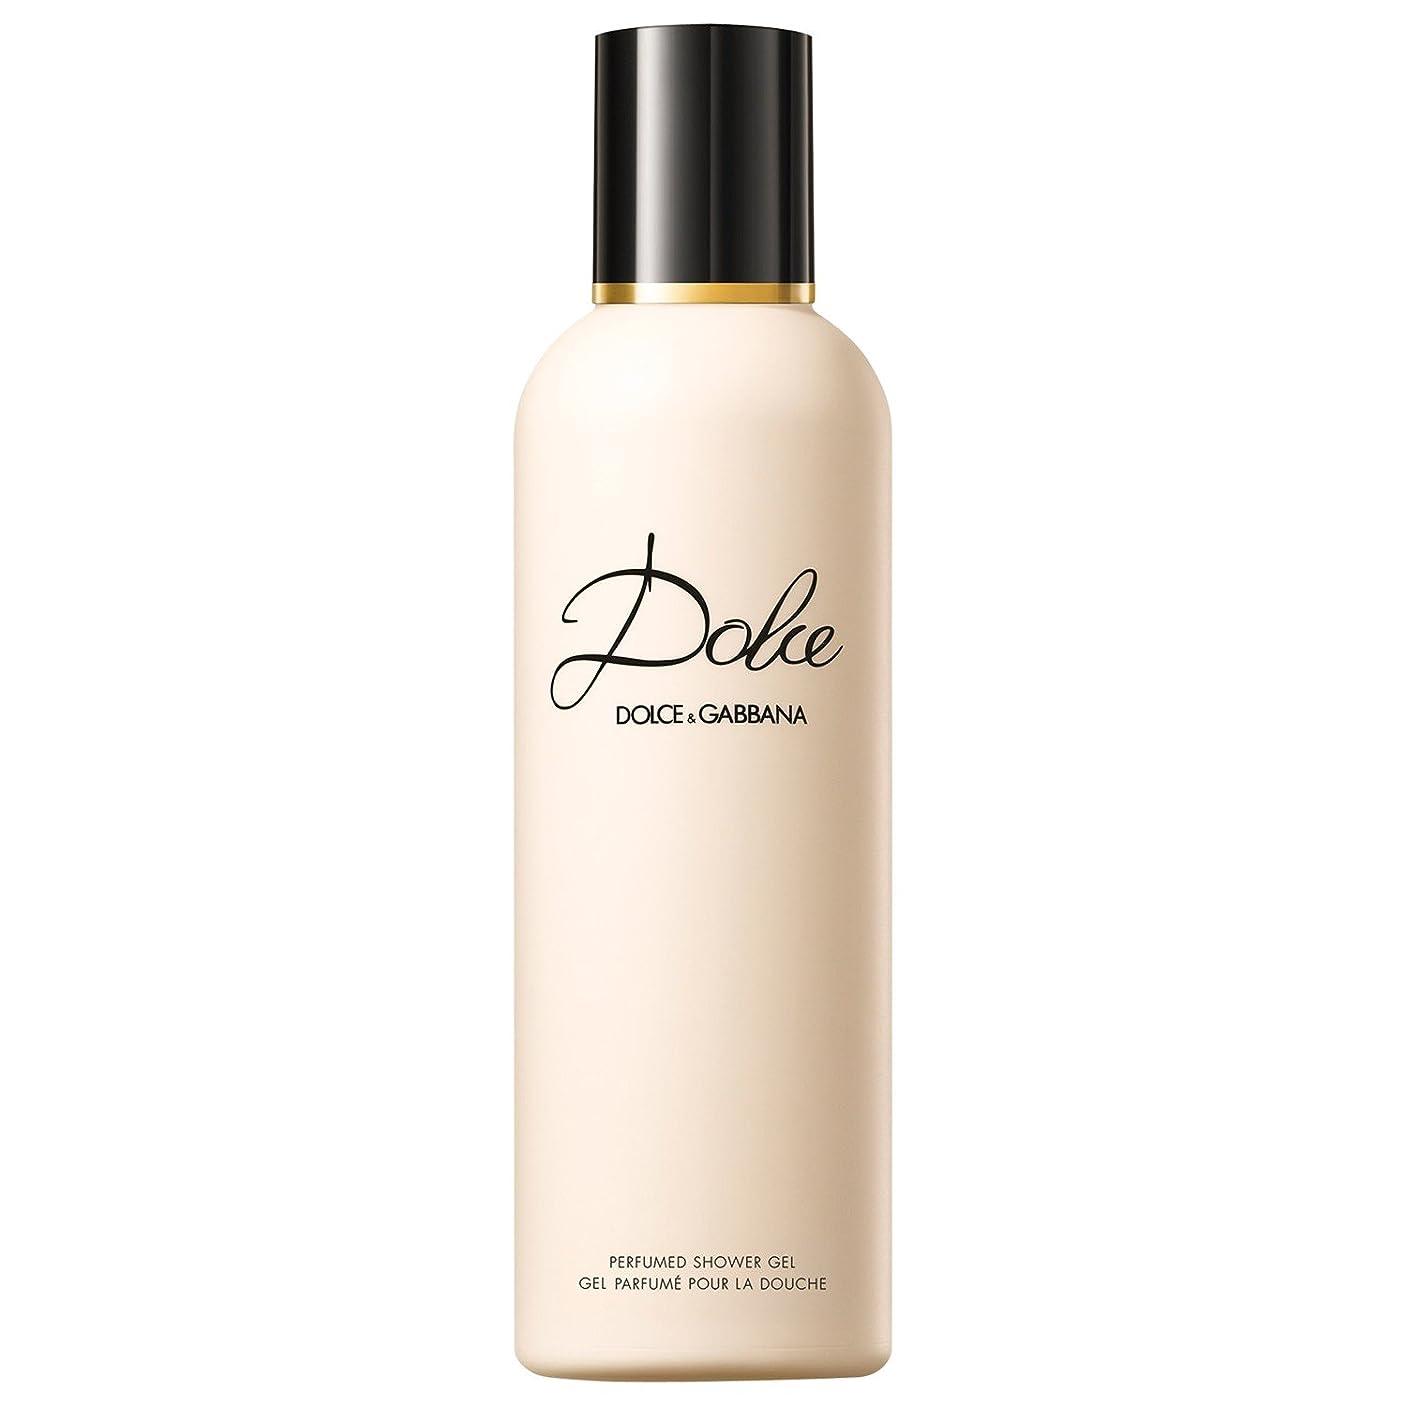 午後ベル建てるドルチェ&ガッバーナドルチェシャワージェル200ミリリットル (Dolce & Gabbana) - Dolce & Gabbana Dolce Shower Gel 200ml [並行輸入品]